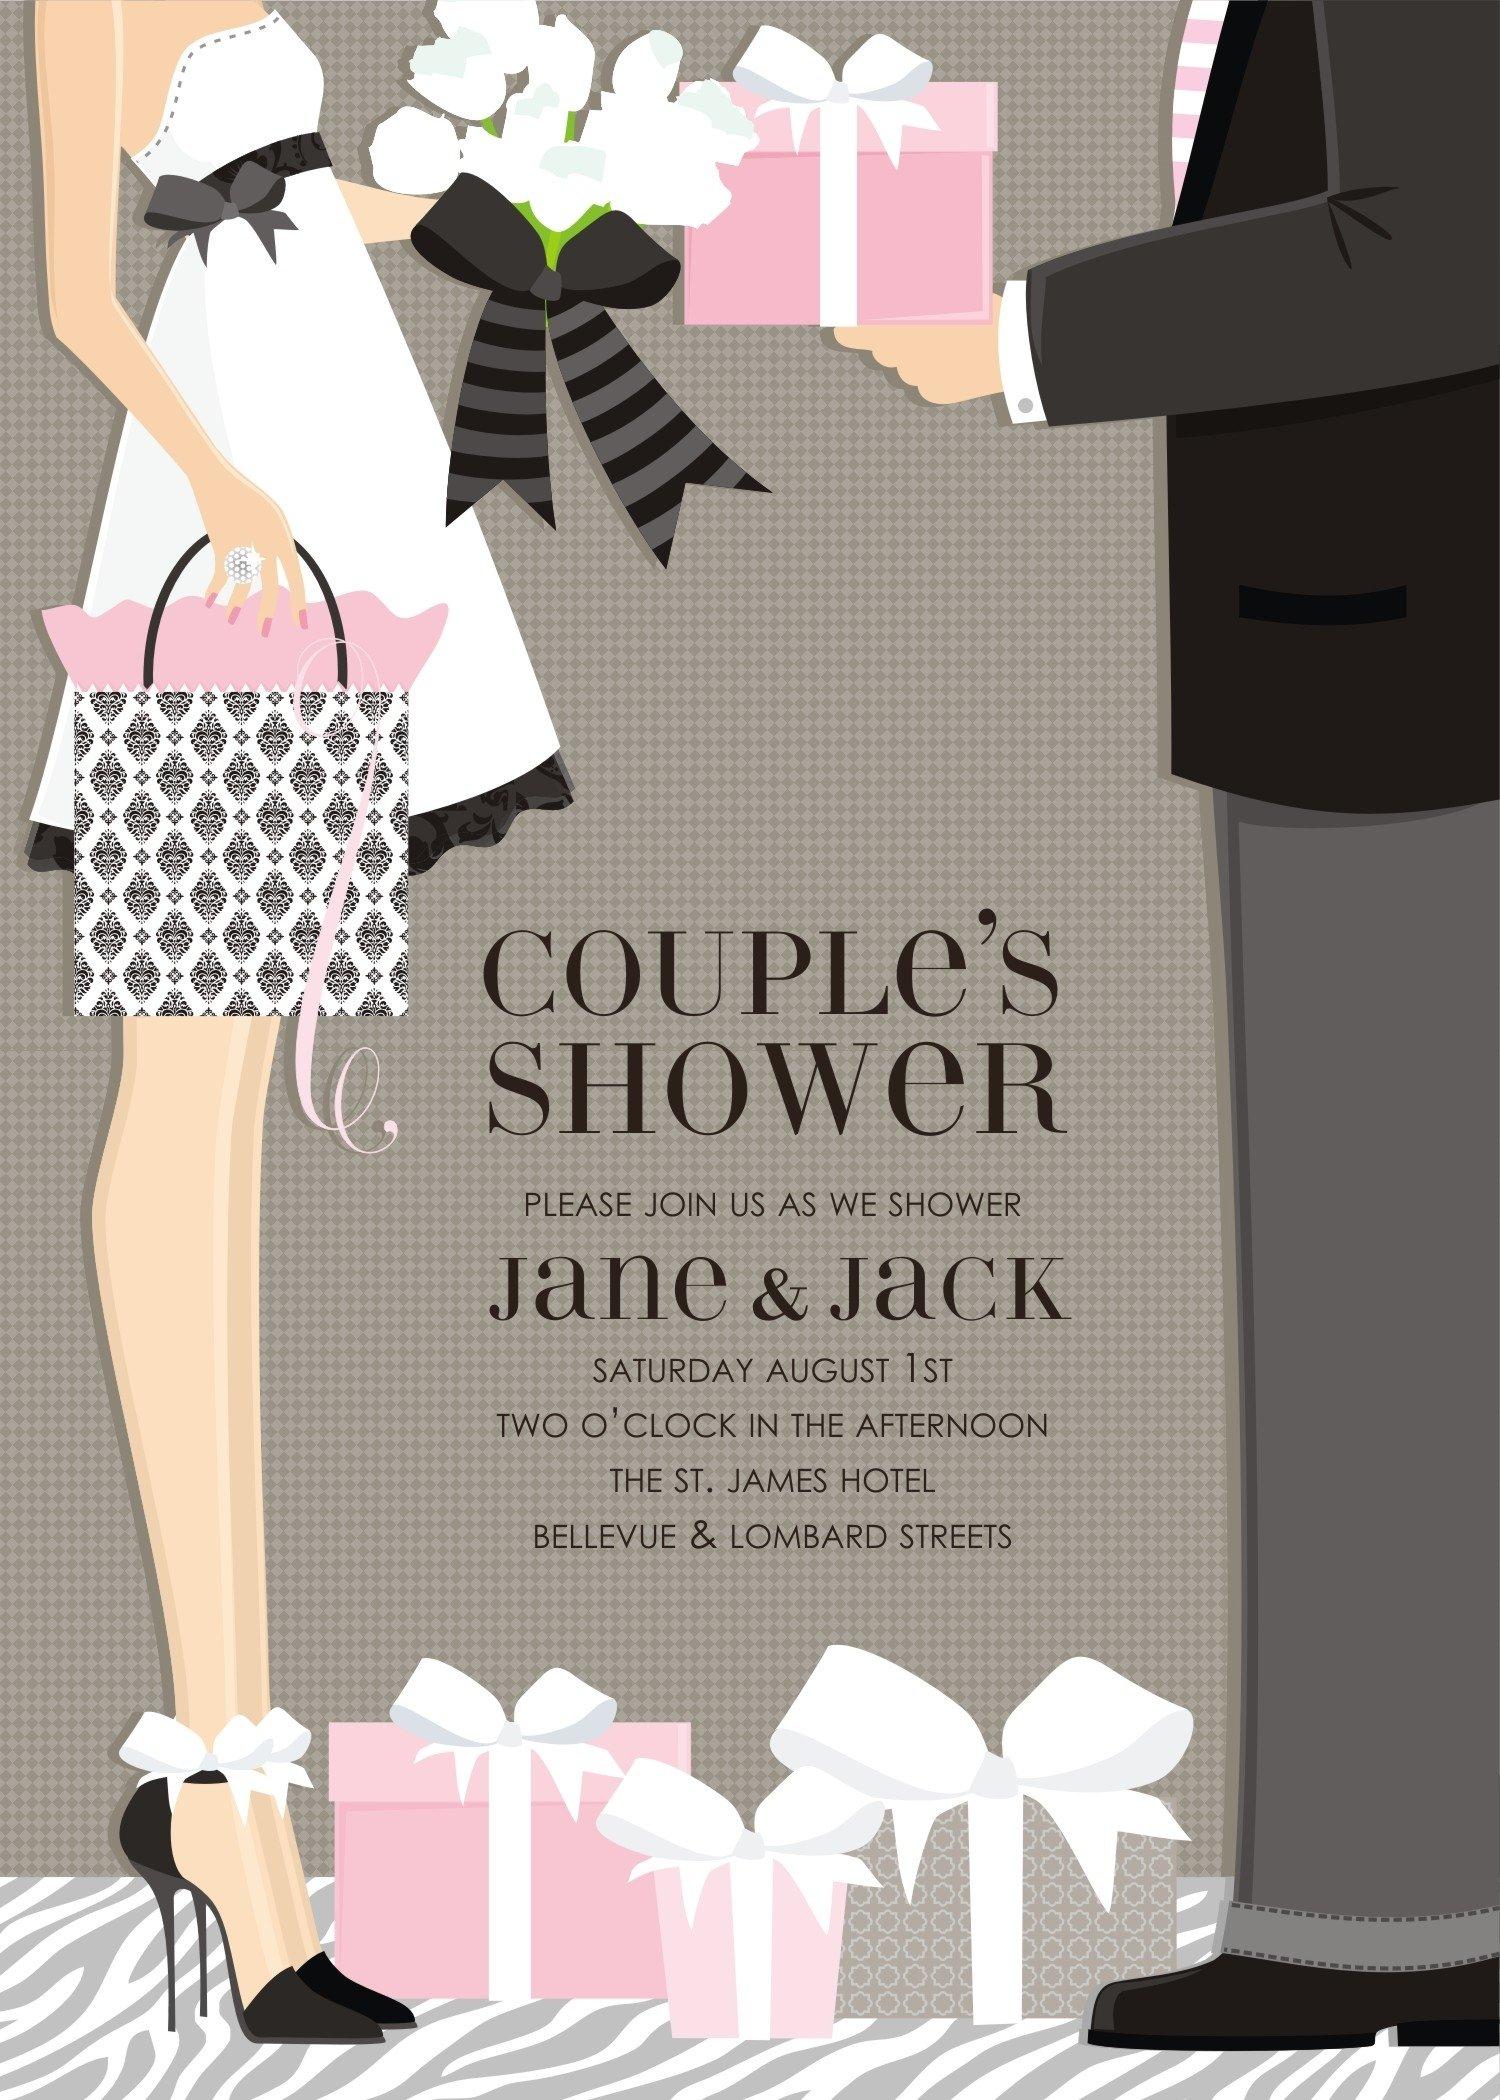 10 Unique Wedding Shower Ideas For Couples couples wedding shower invitation wording inspirational couples 2021